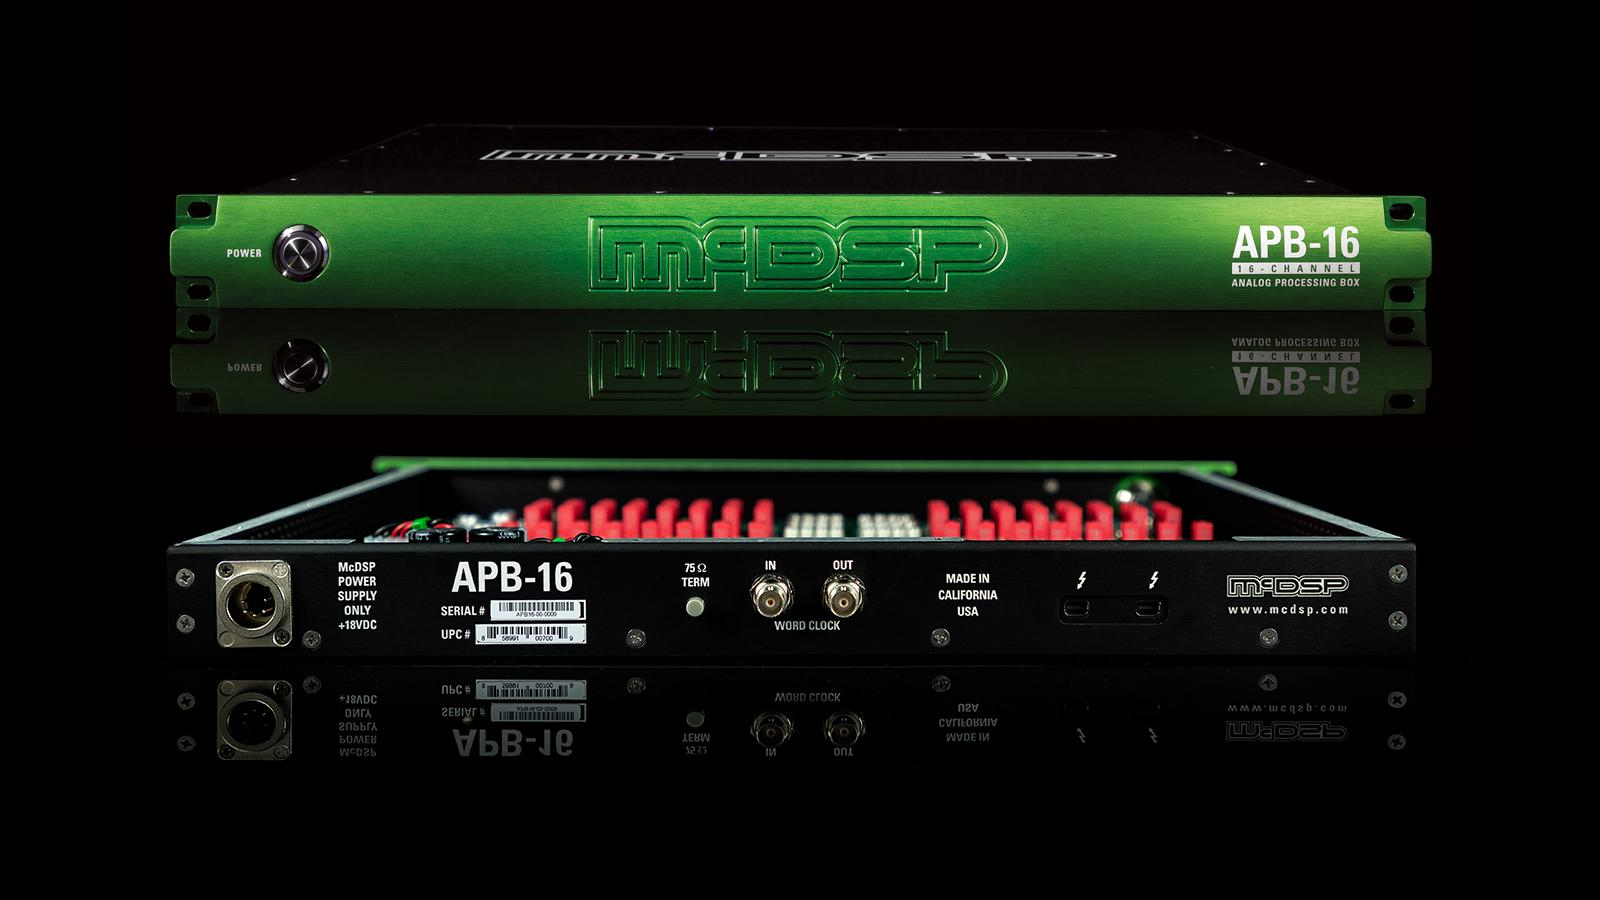 """<h2 class=""""title"""">Pro Toolsにアナログデバイスをプラグイン!全く新しいDAWハードウェアMcDSP APB-16登場</h2>"""